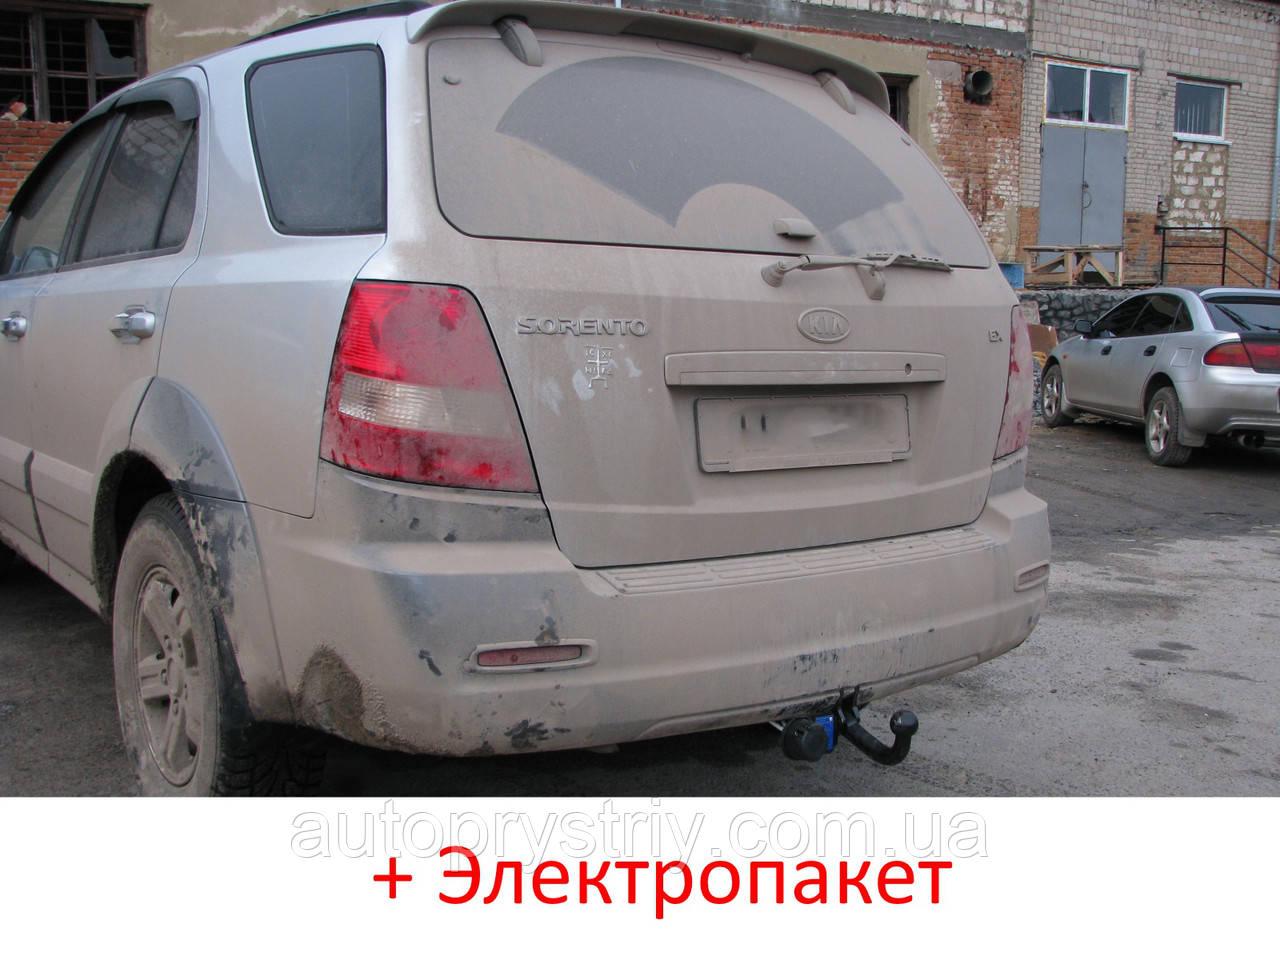 Фаркоп - Kia Sorento Кроссовер (2002-2006)